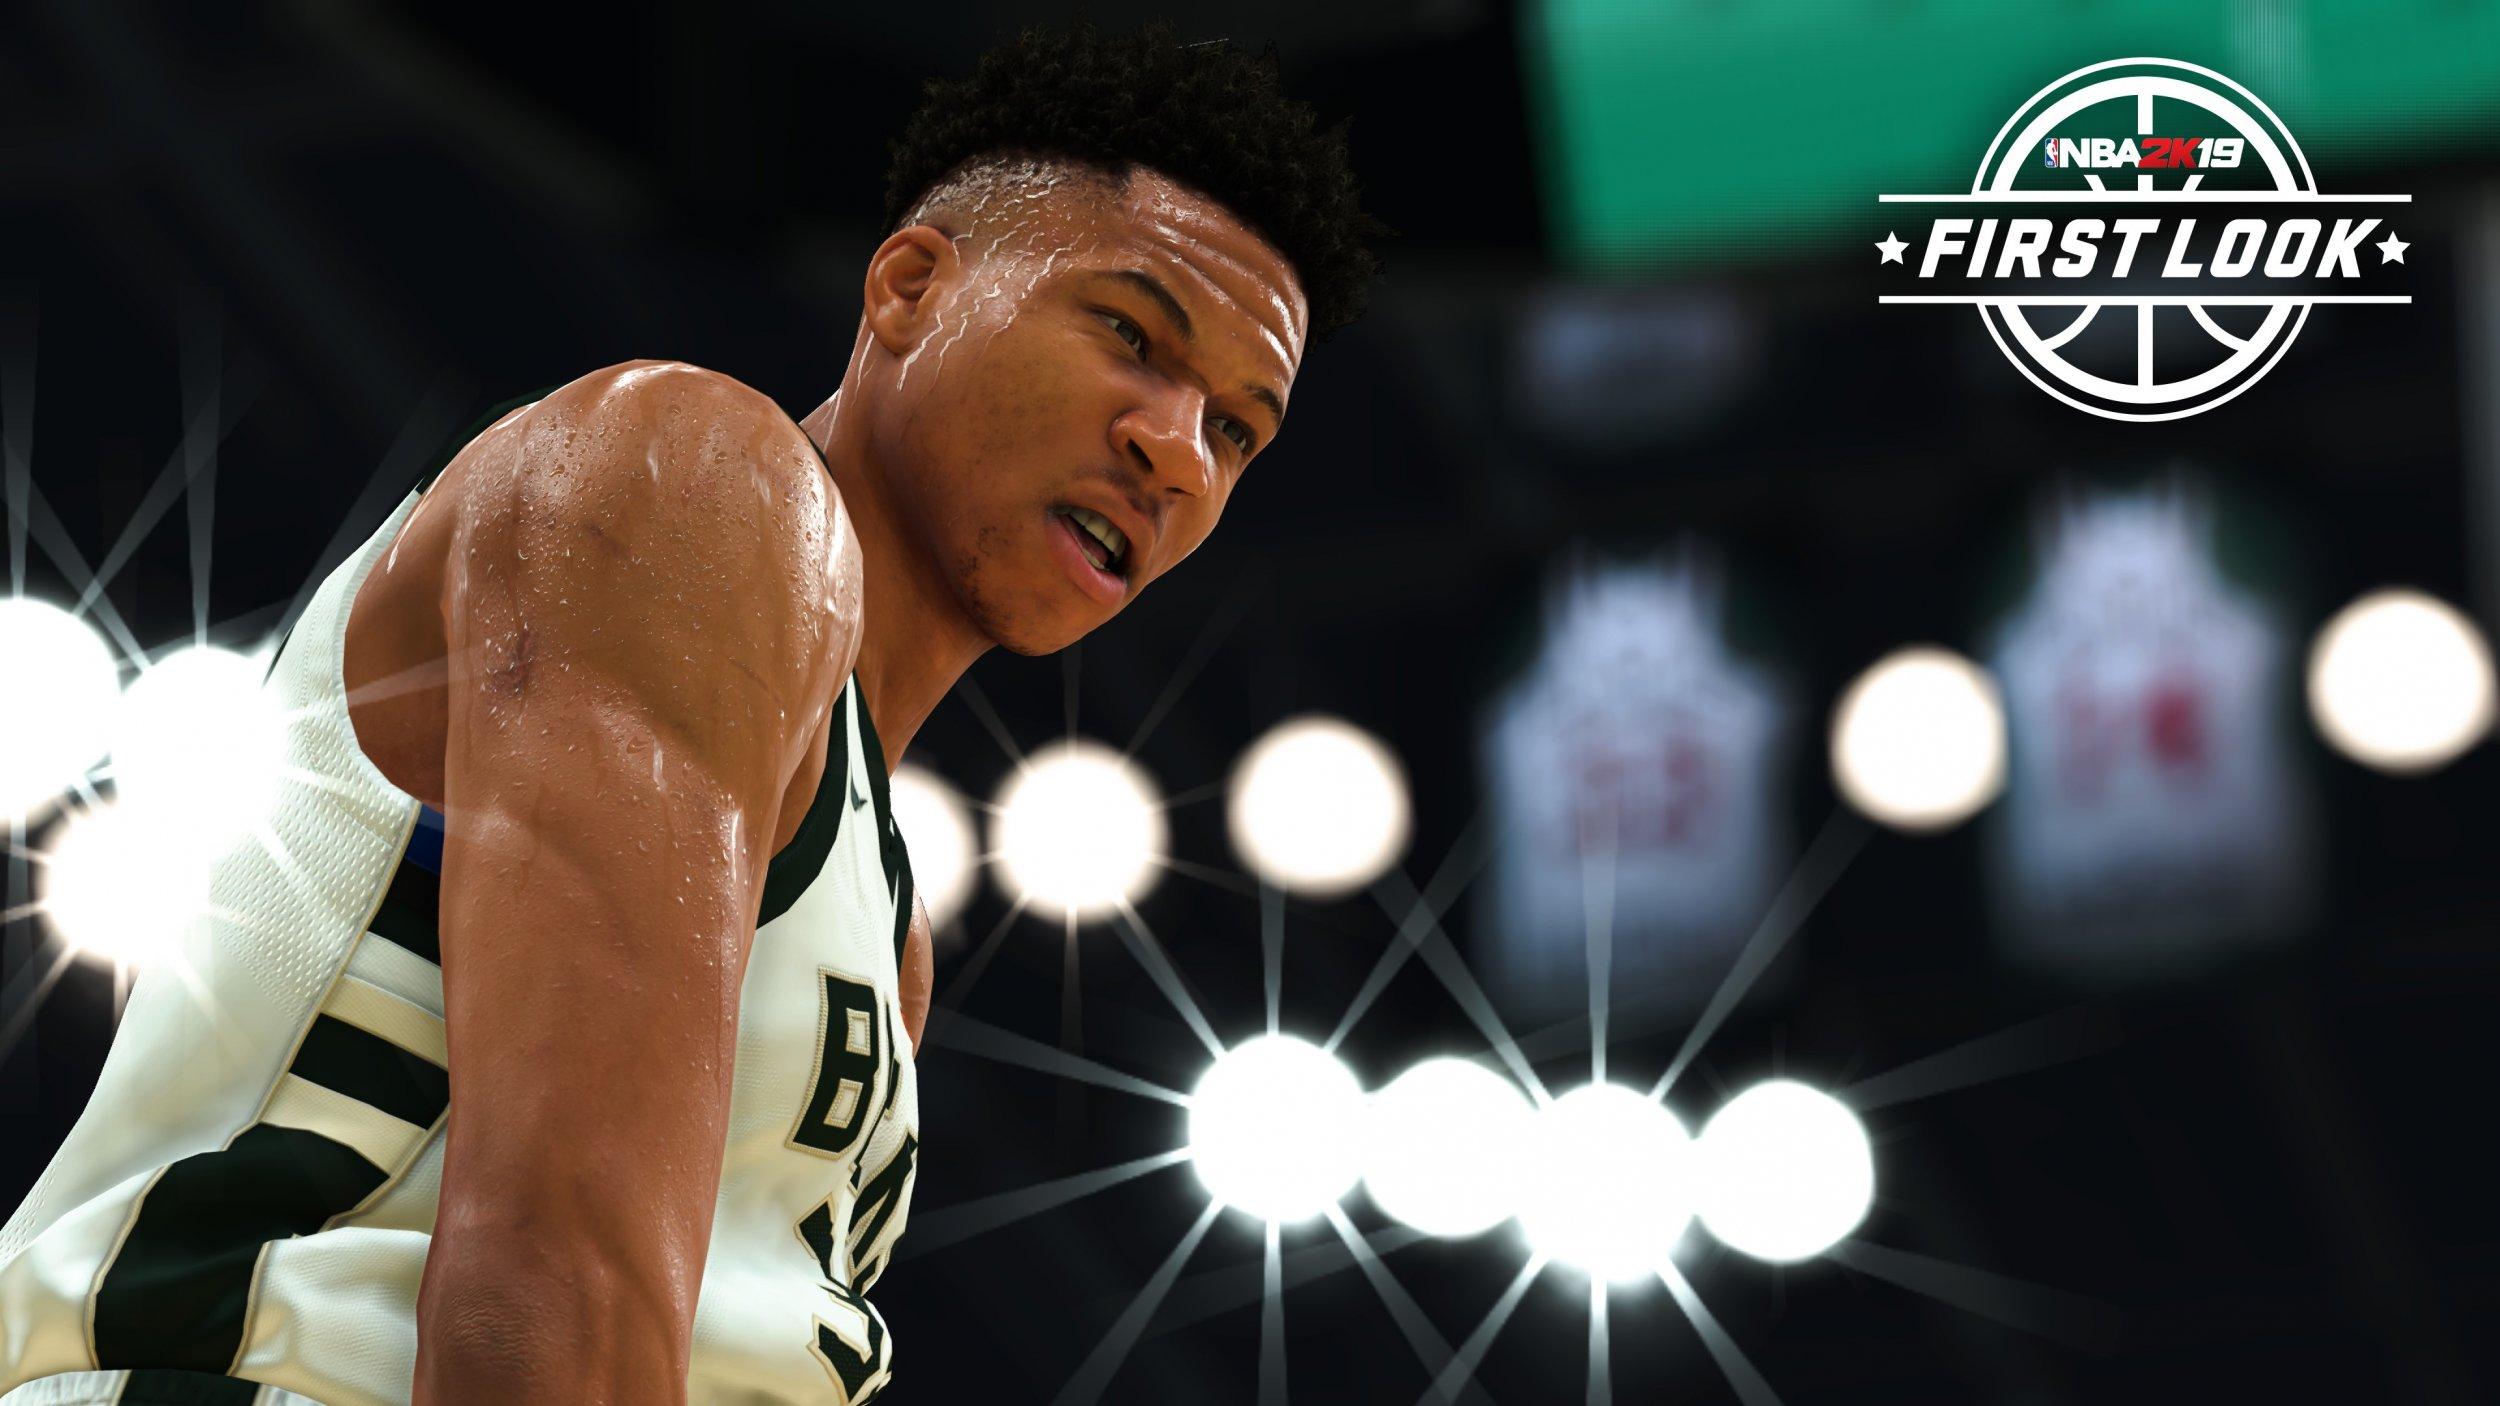 NBA 2K19 Giannis Antetokounmpo